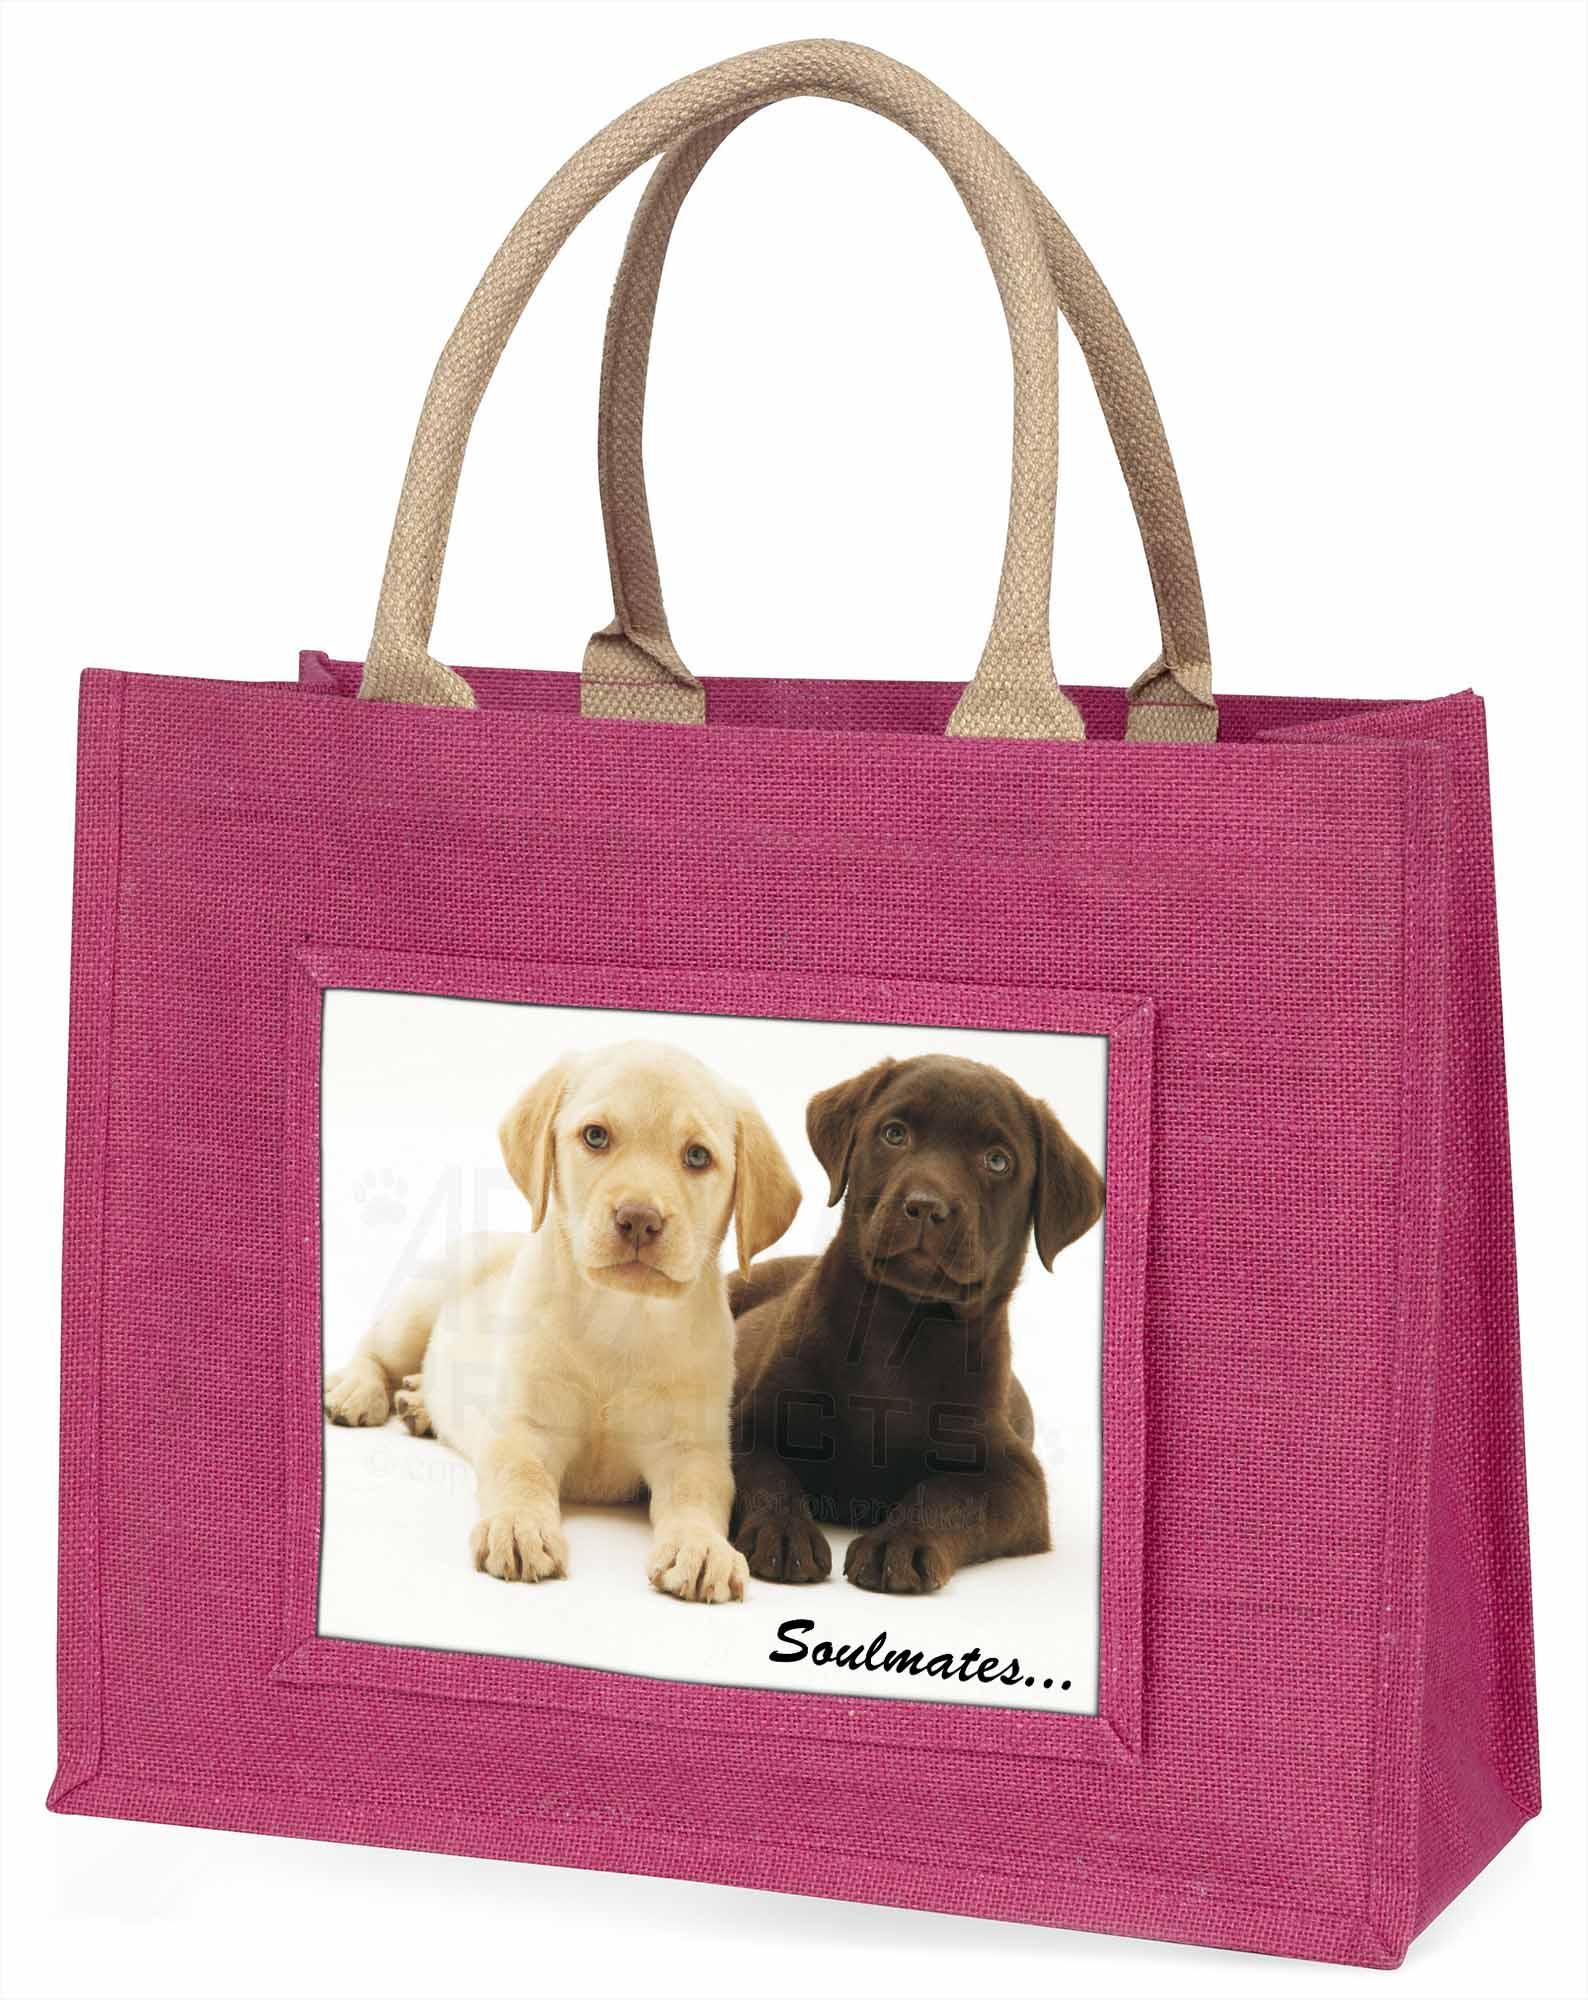 gelb + Schoko Labrador Welpen  Soulmates  große rosa Einkauf Tasche,soul-39blp